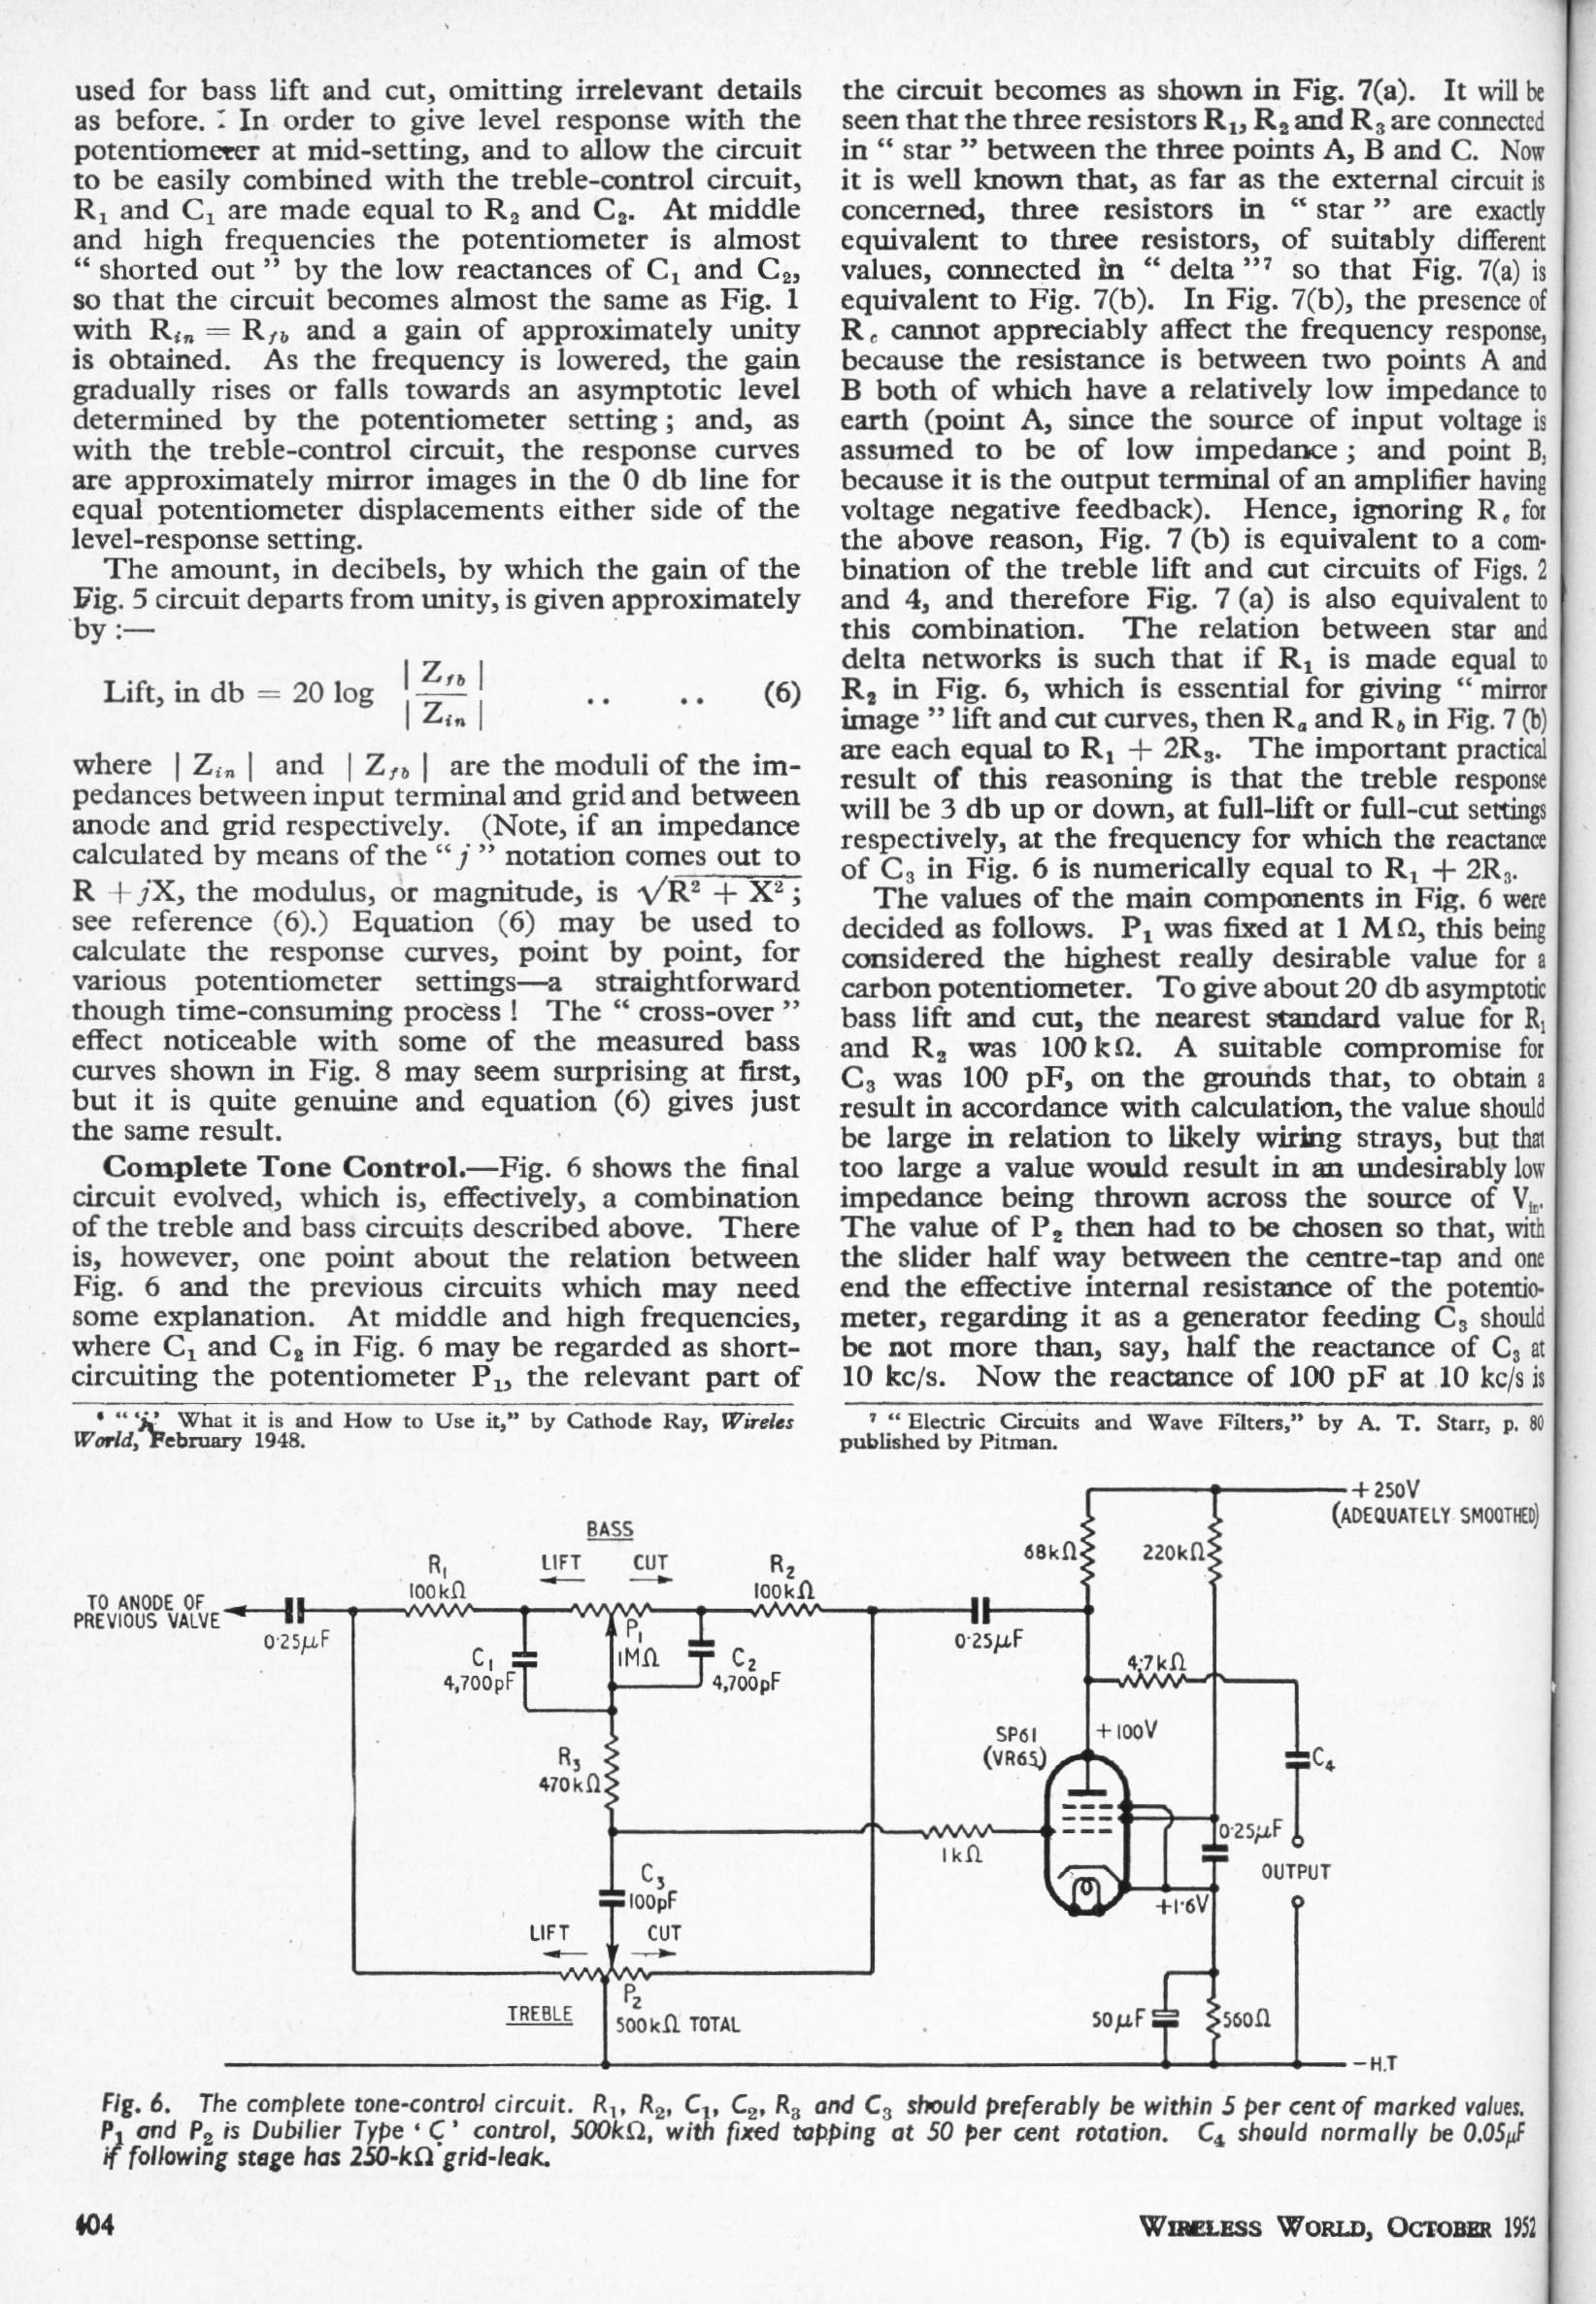 Controles de tono si/no - Página 3 Baxandall%20tone-control%20Oct52%20p3